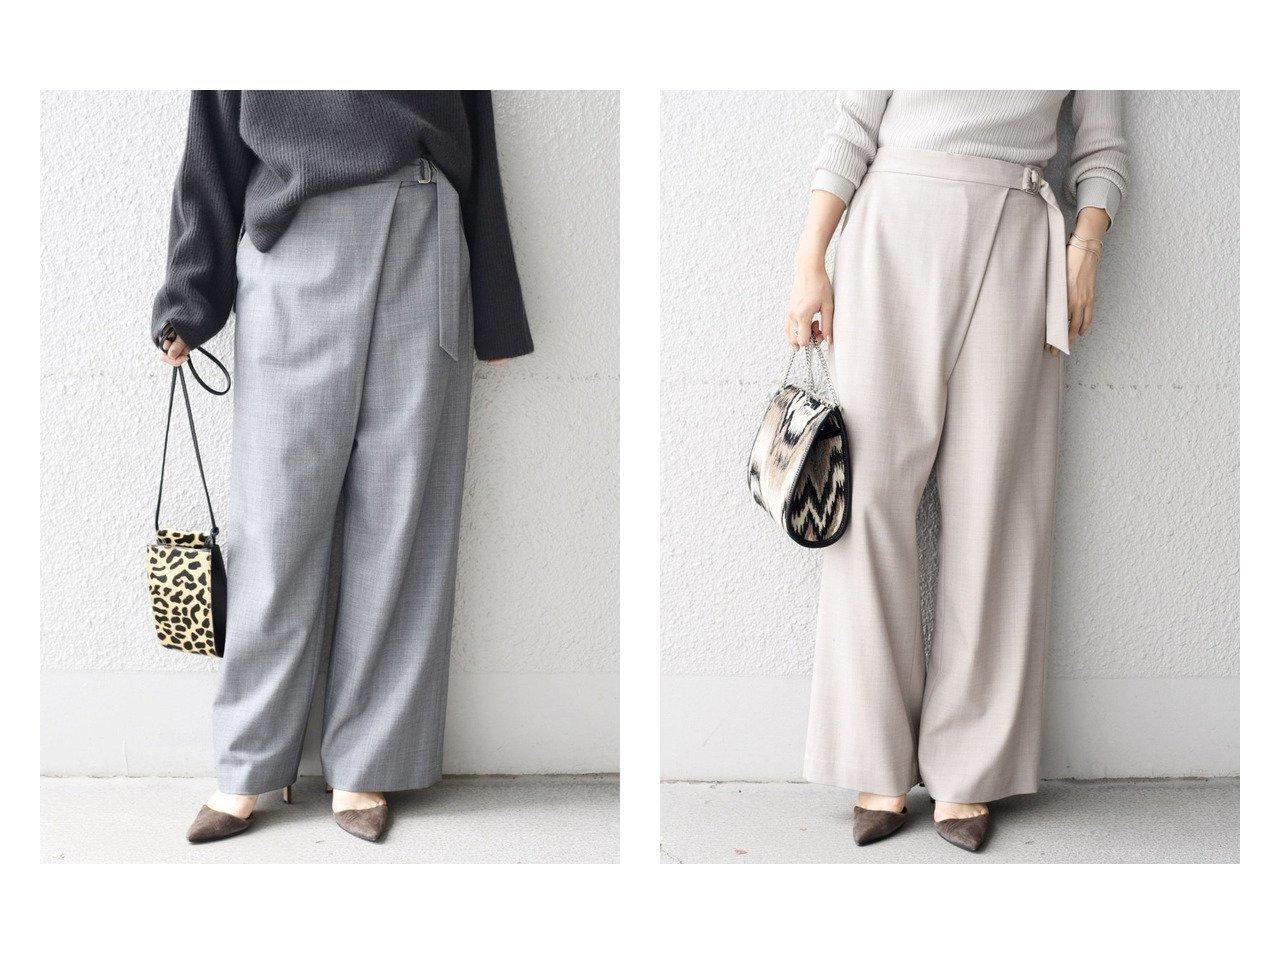 【SHIPS/シップス フォー ウィメン】のソリッドベルテッドパンツ パンツのおすすめ!人気、レディースファッションの通販 おすすめファッション通販アイテム インテリア・キッズ・メンズ・レディースファッション・服の通販 founy(ファニー) ファッション Fashion レディース WOMEN パンツ Pants ジーンズ ストライプ ラップ グレー系 Gray ベージュ系 Beige  ID:crp329100000004863